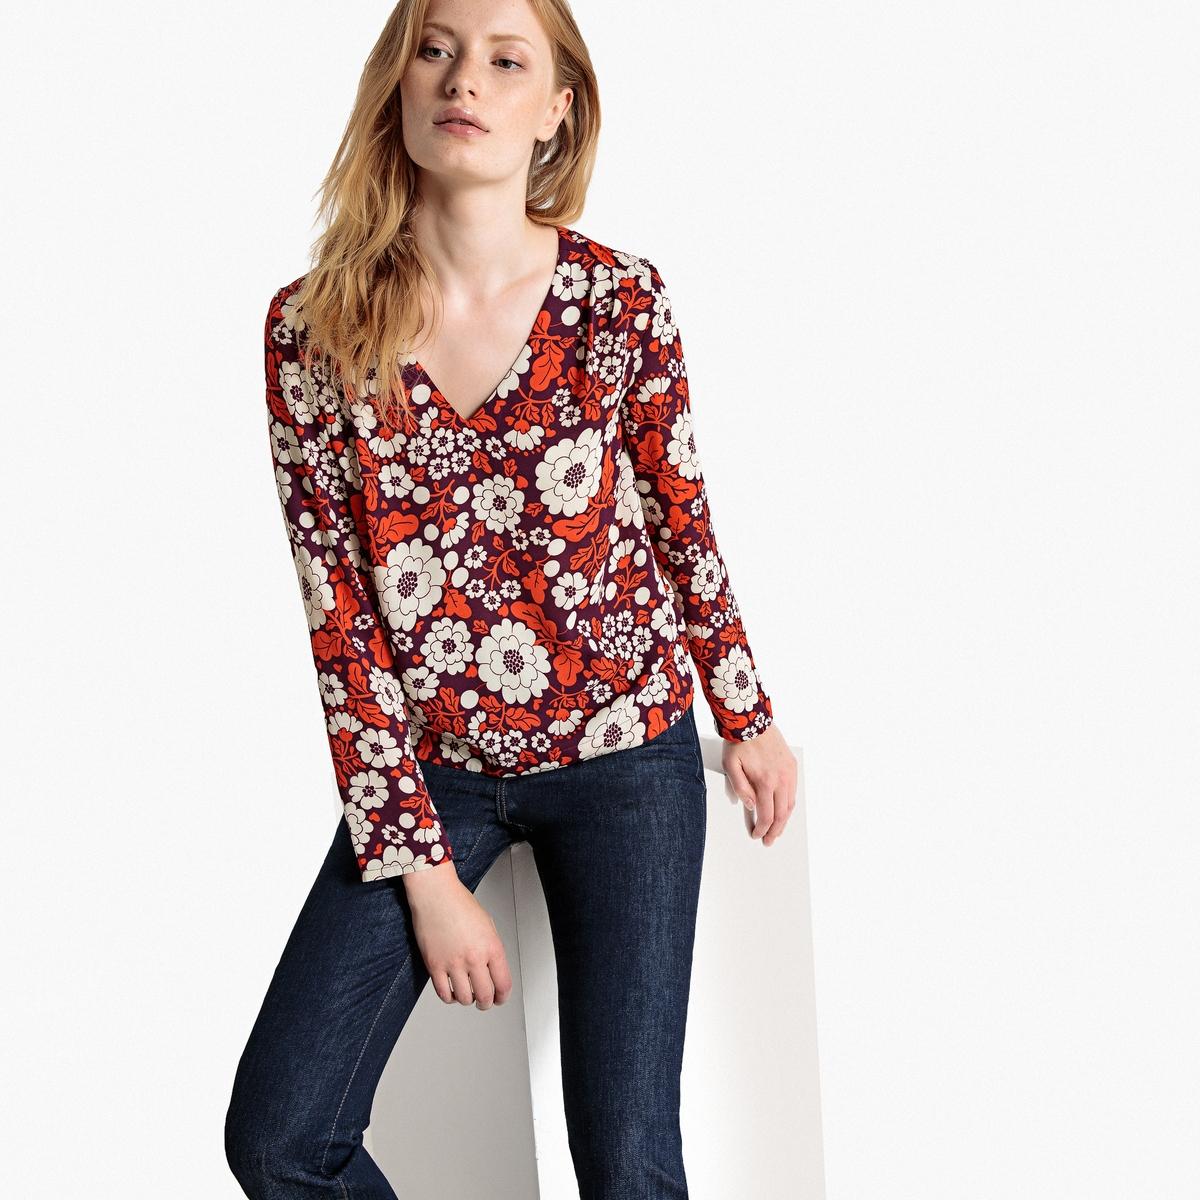 Blusa de decote em V, estampado floral, mangas compridas